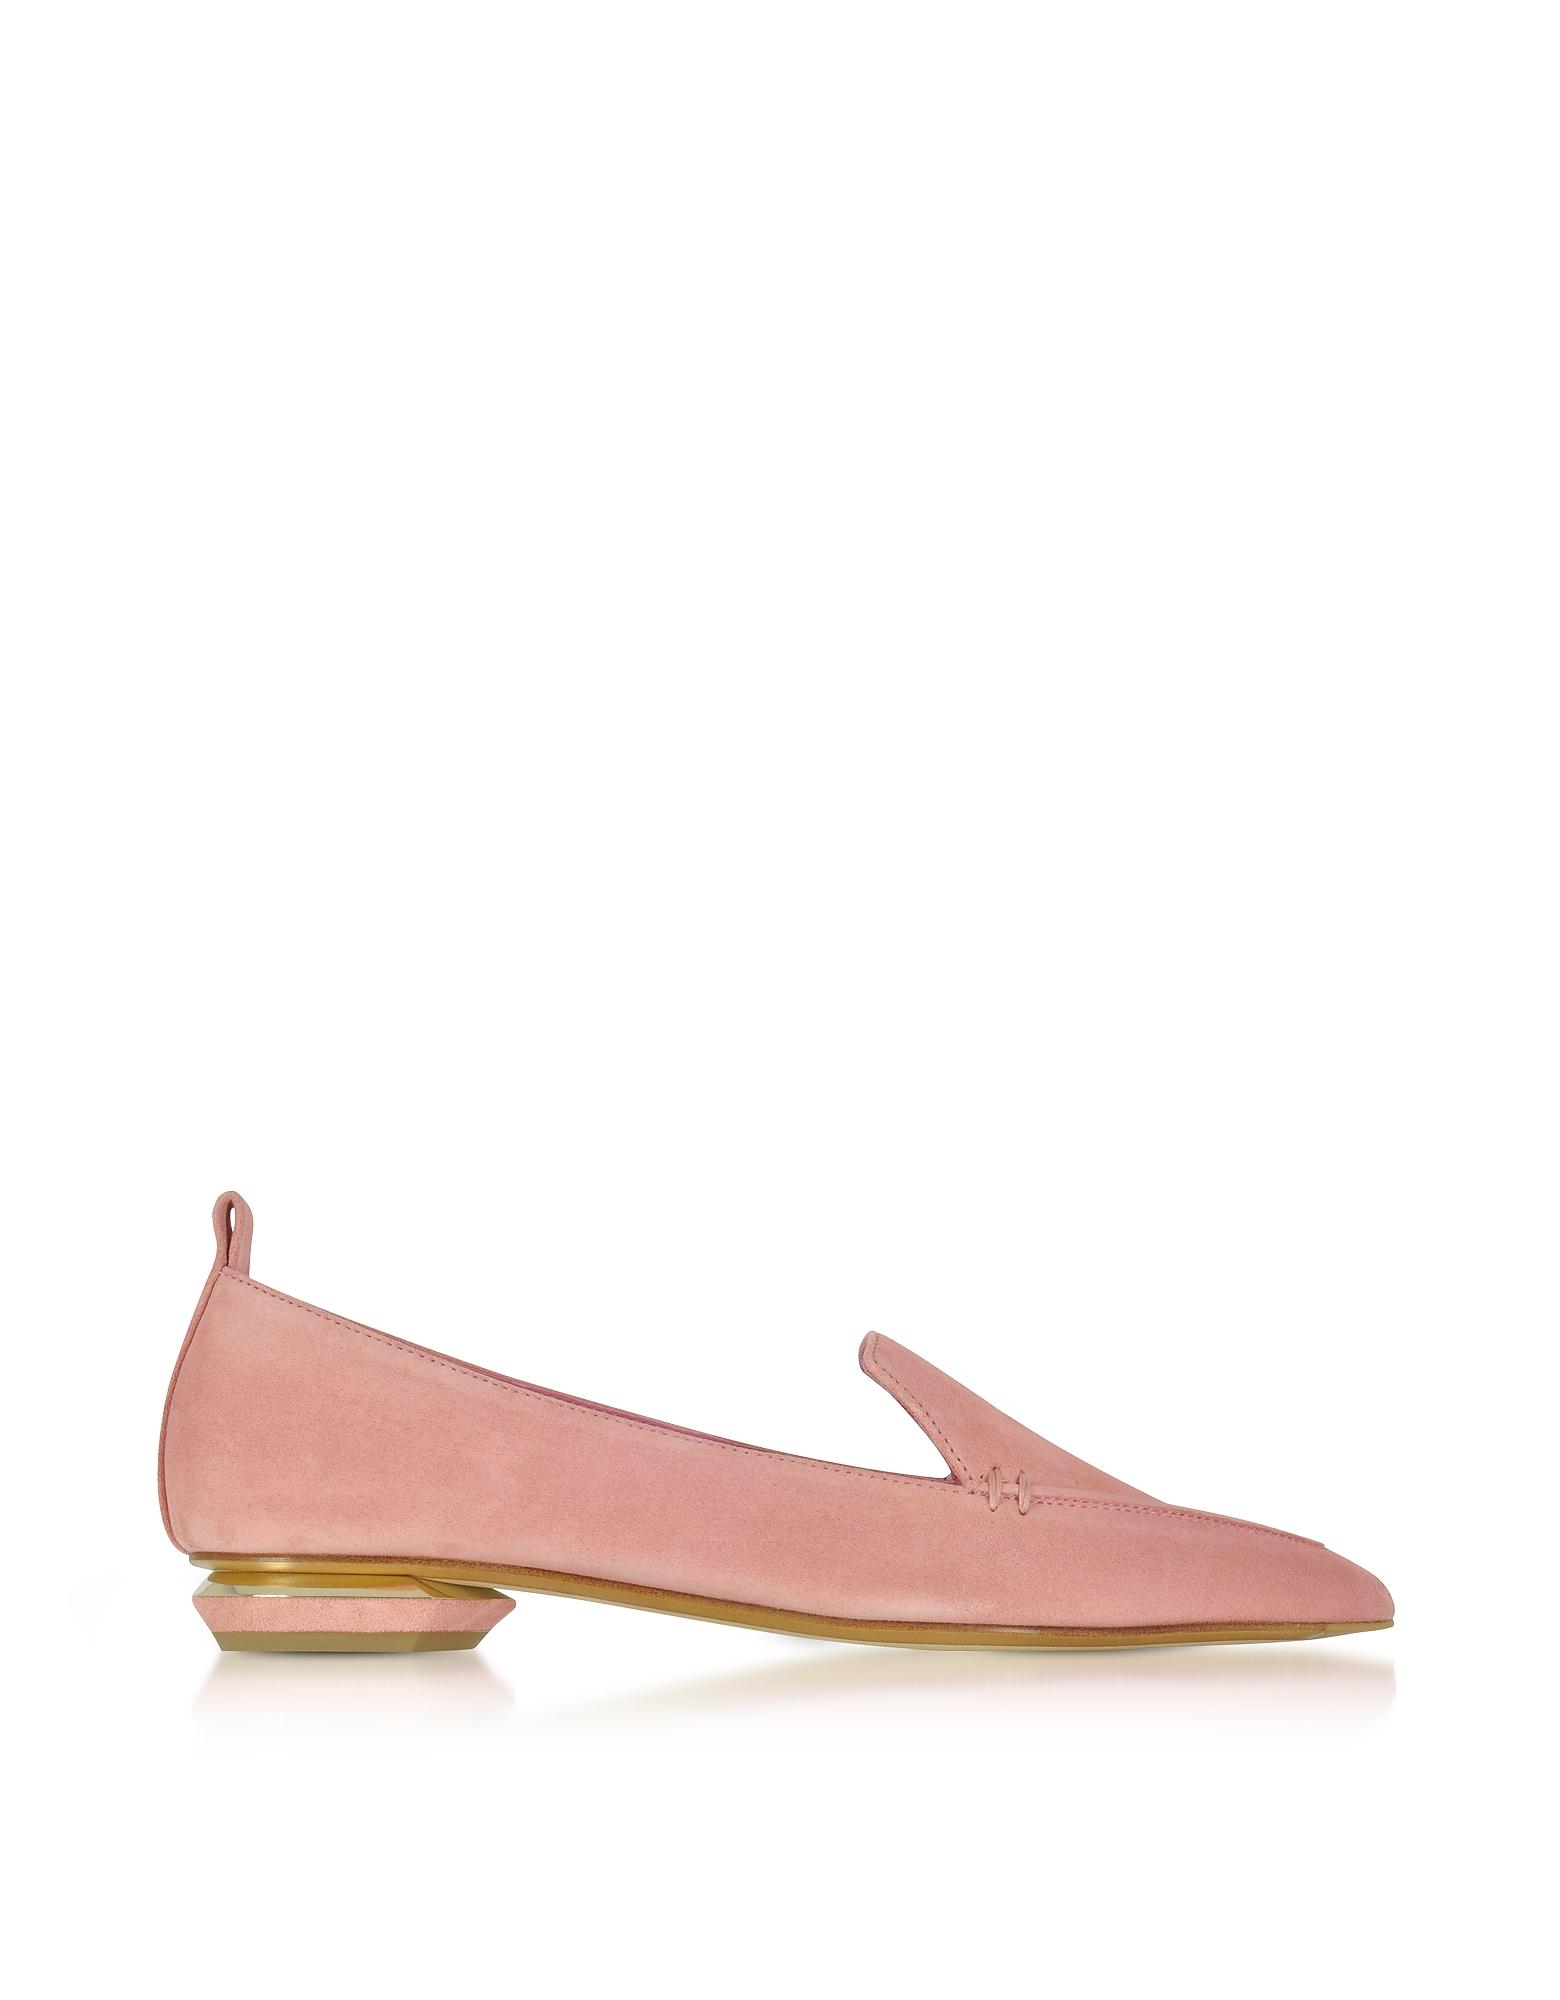 Nicholas Kirkwood Shoes, Beya Dusty Pink Suede Loafer